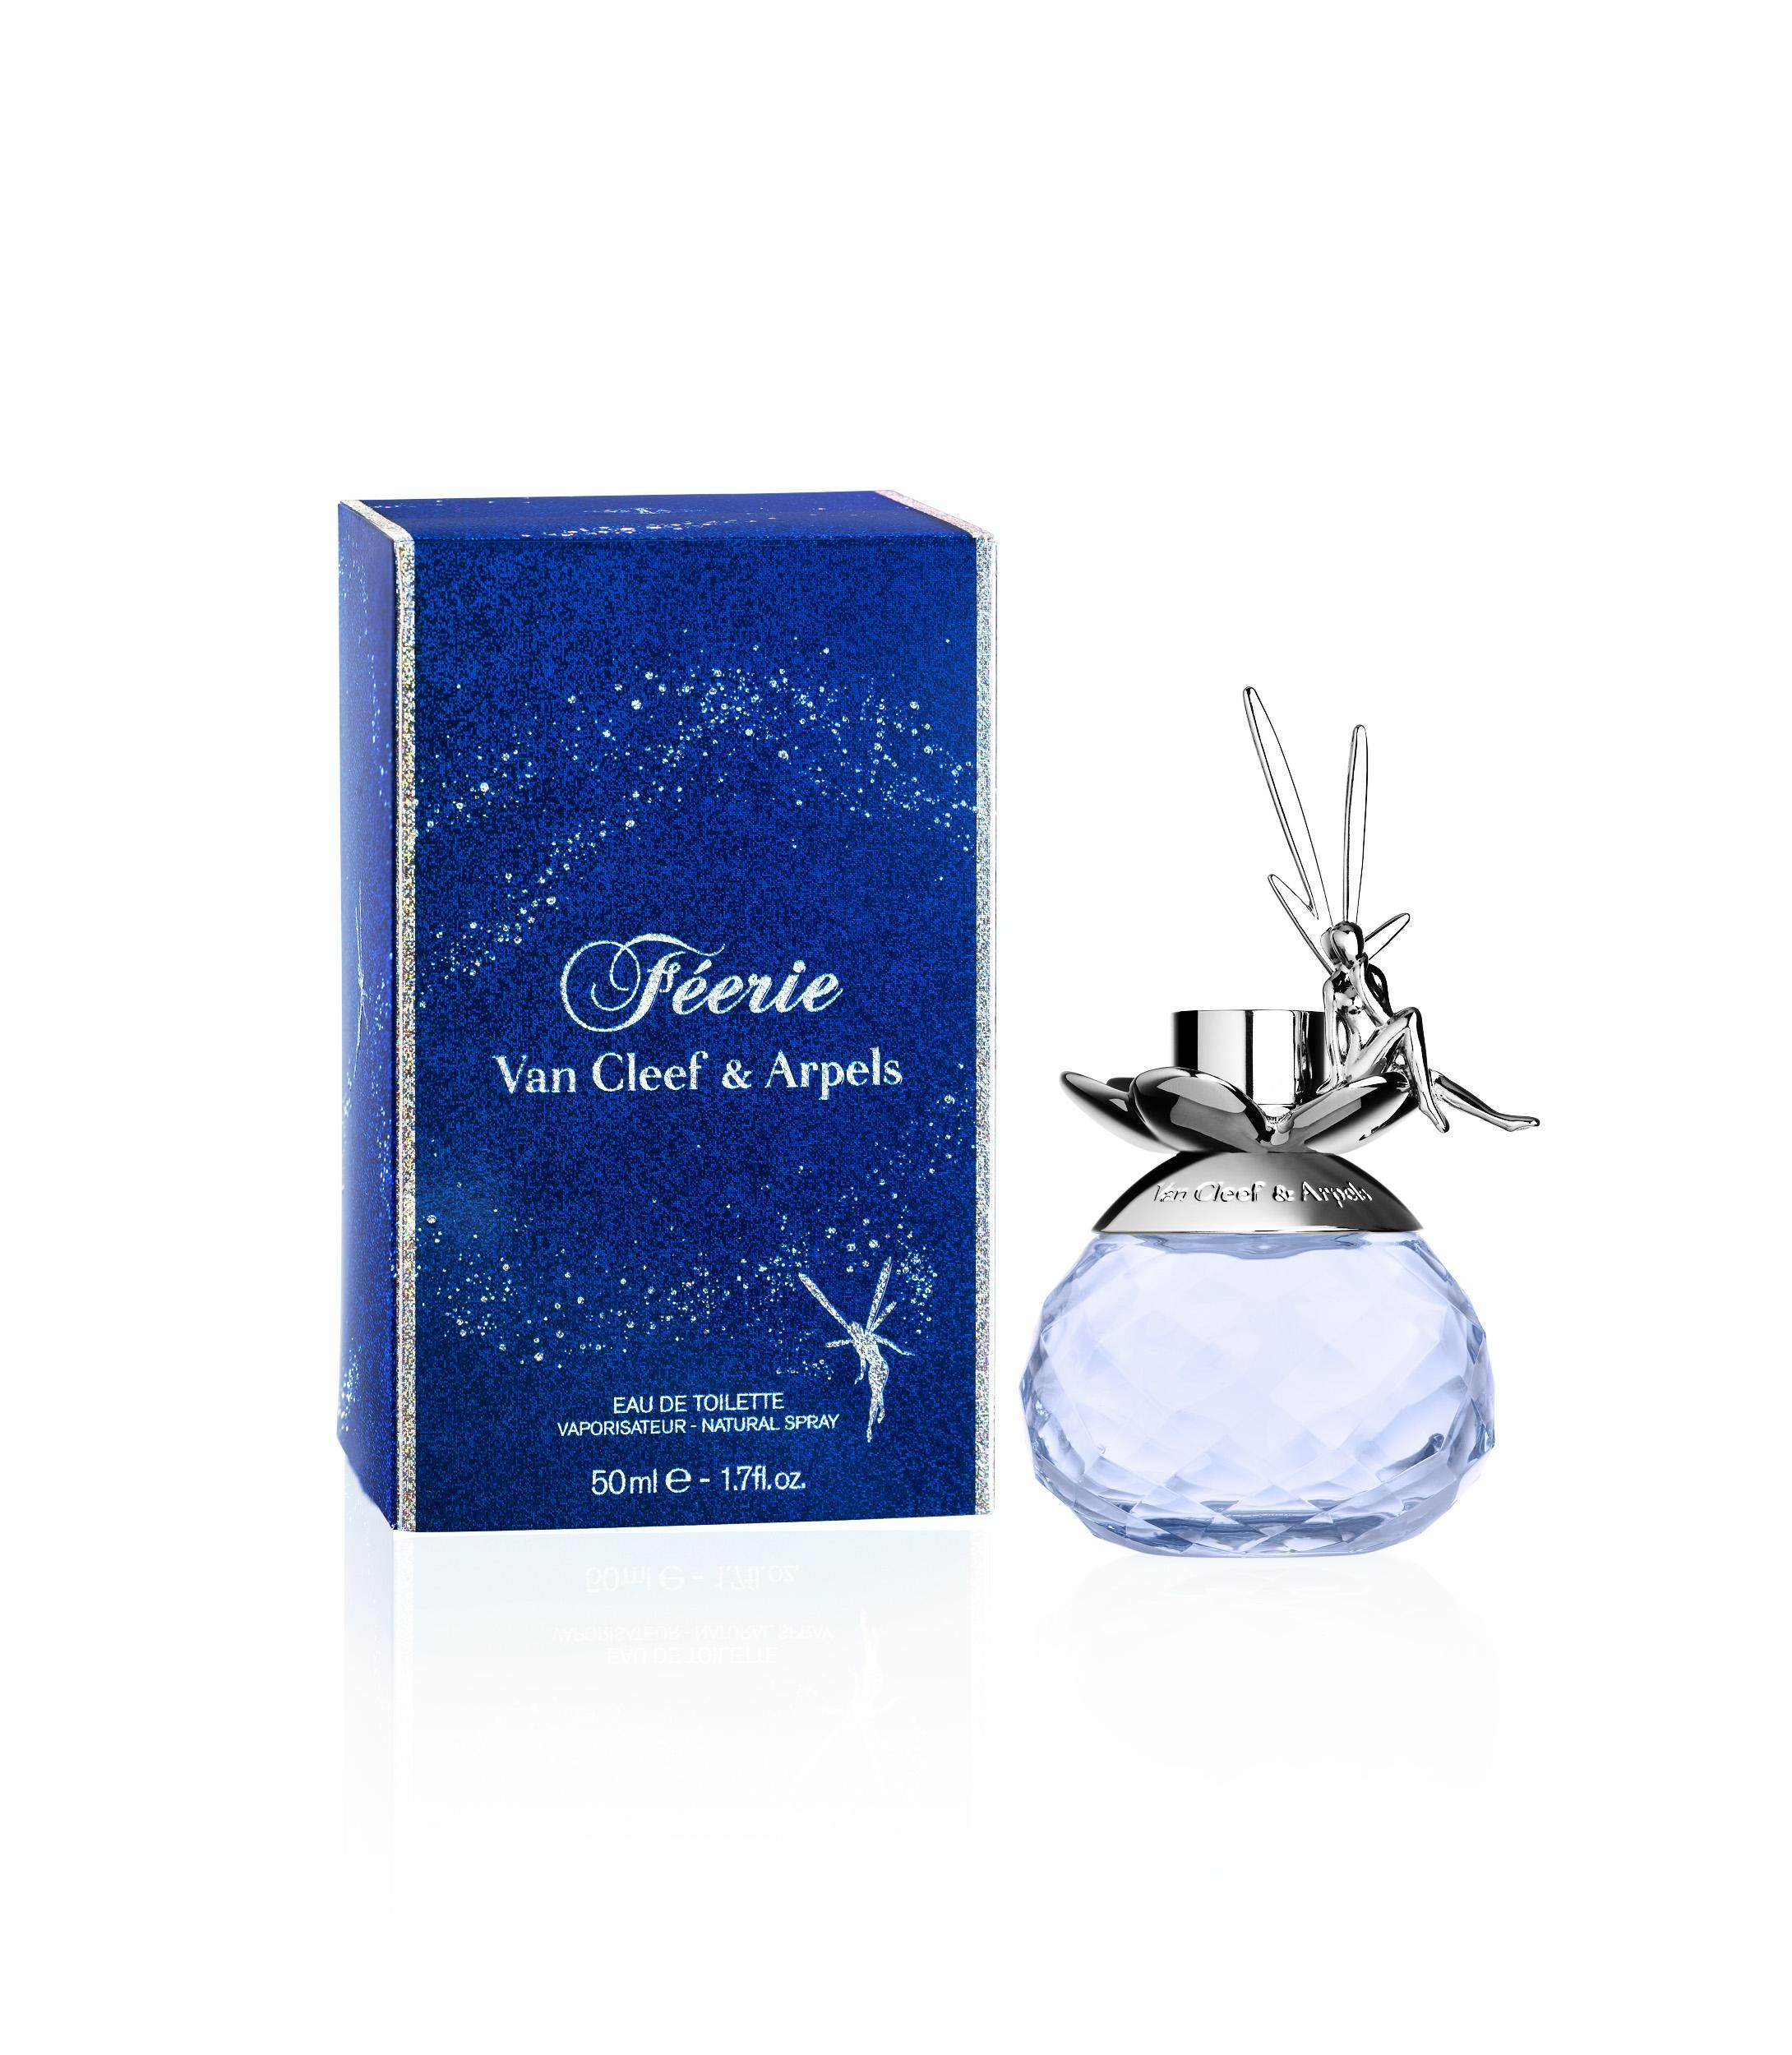 Van Cleef & Arpels Féerie Eau de Toilette аромат для женщин